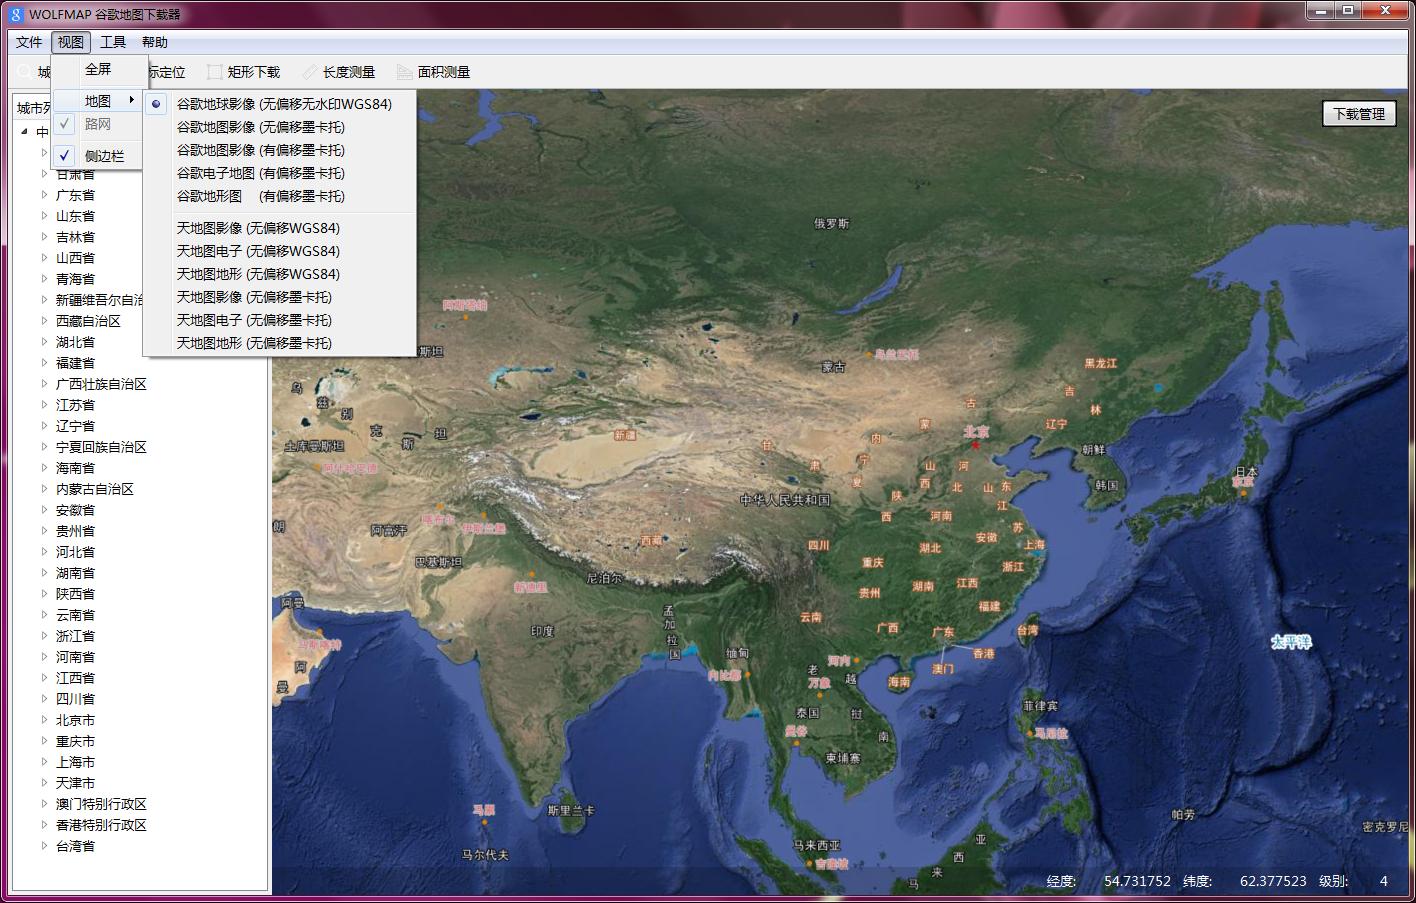 WOLFMAP谷歌地图下载器截图3